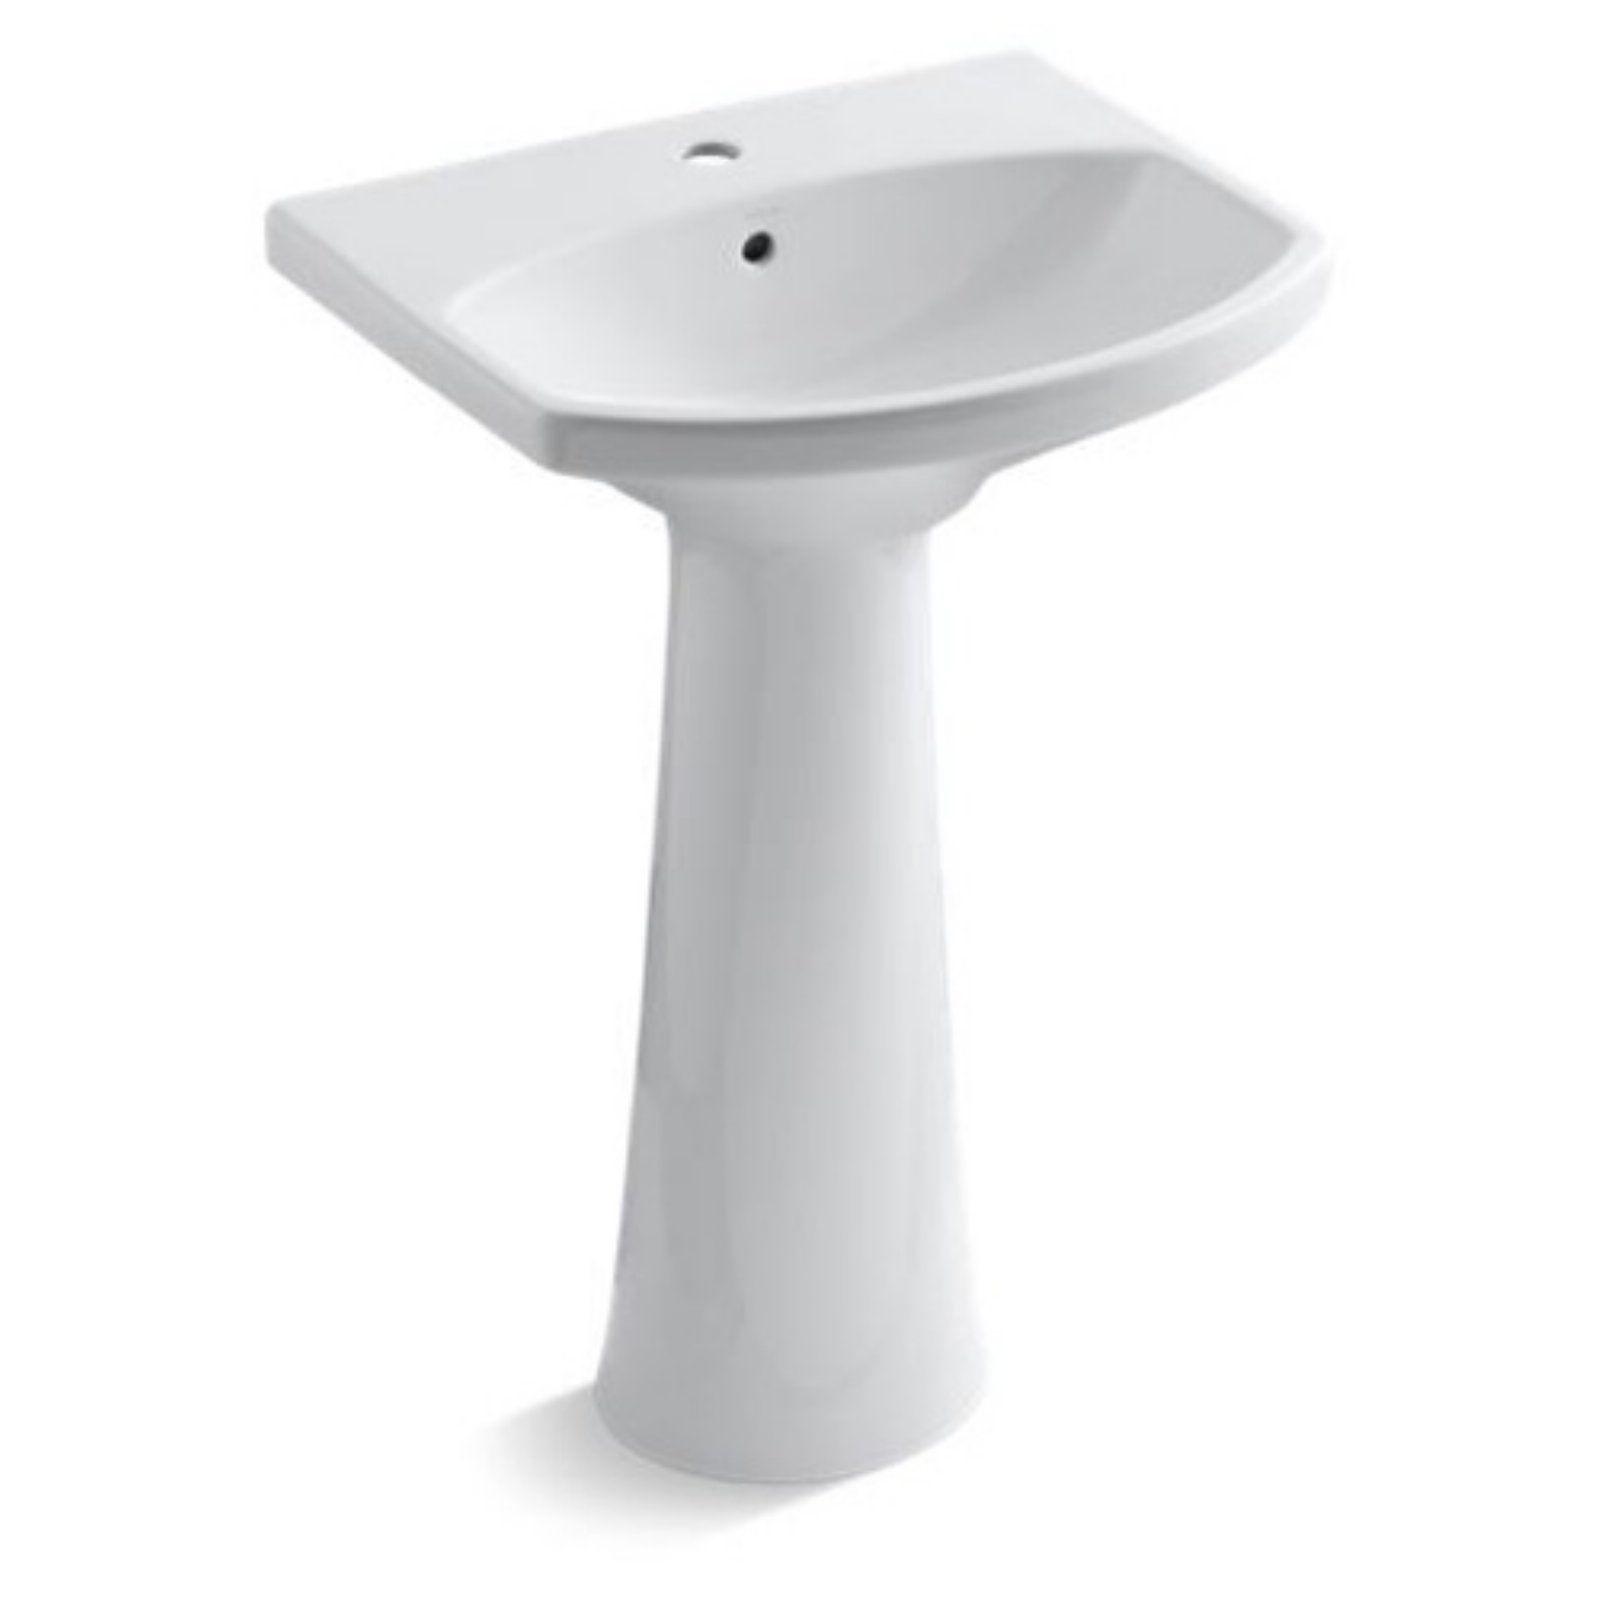 Kohler Cimarron Koh2362 Pedestal Bathroom Sink Kohler Cimarron